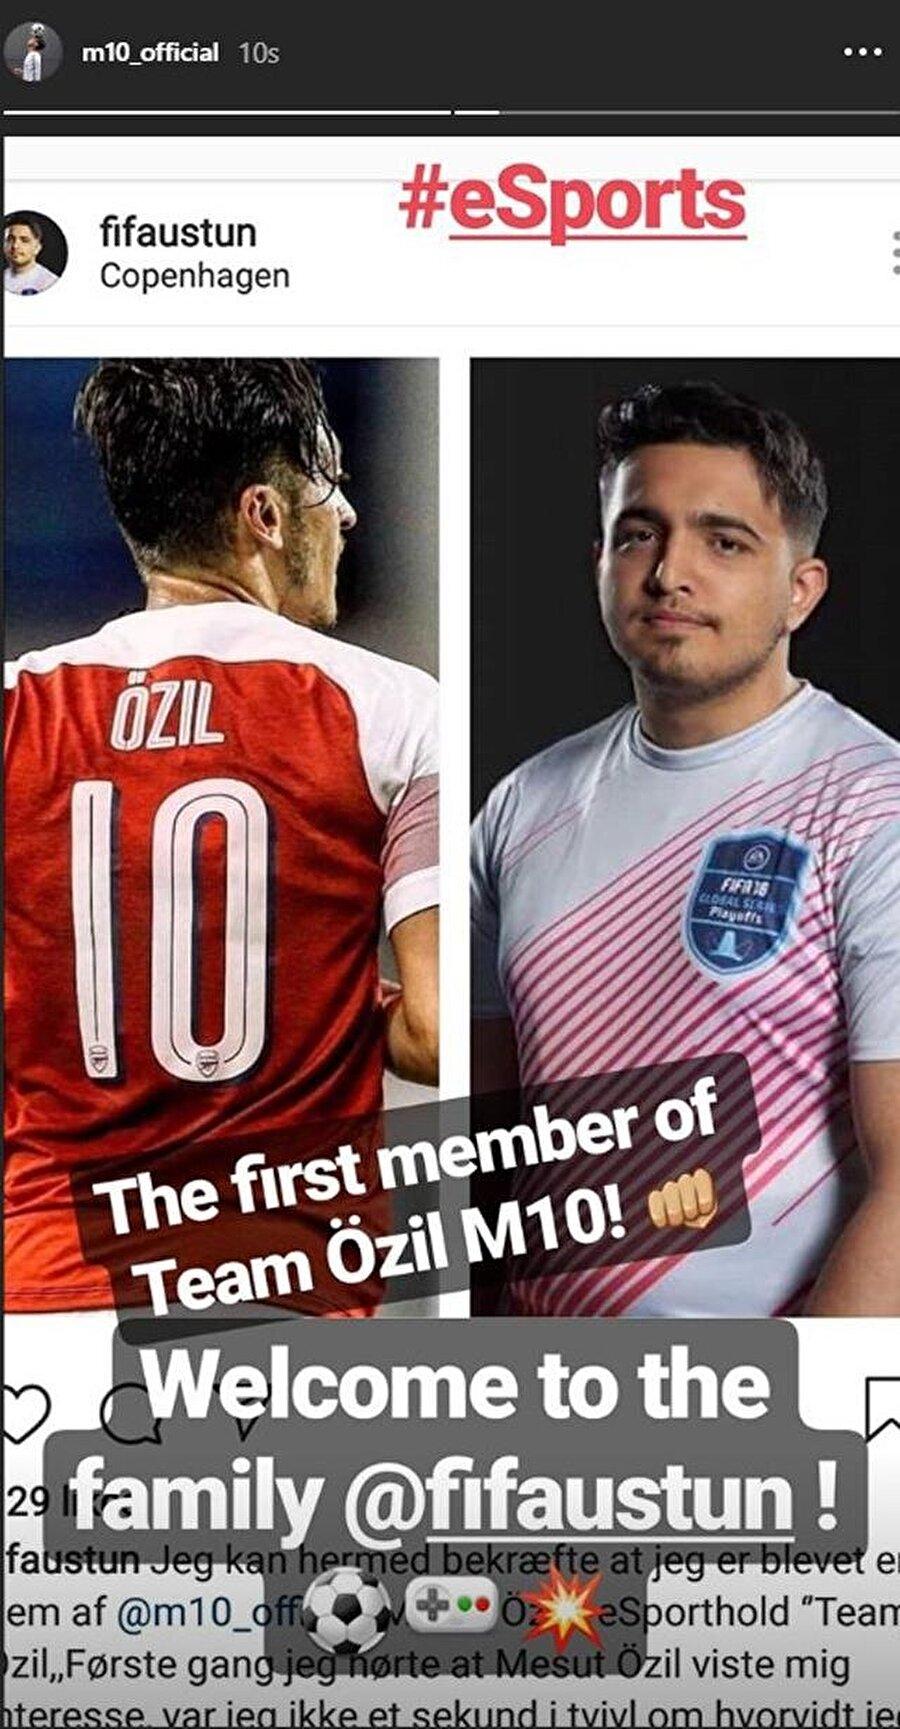 Mesut Özil, FIFA'da kurduğu takıma yaptığı transferi sosyal medya hesabından paylaşım yaparak açıkladı.